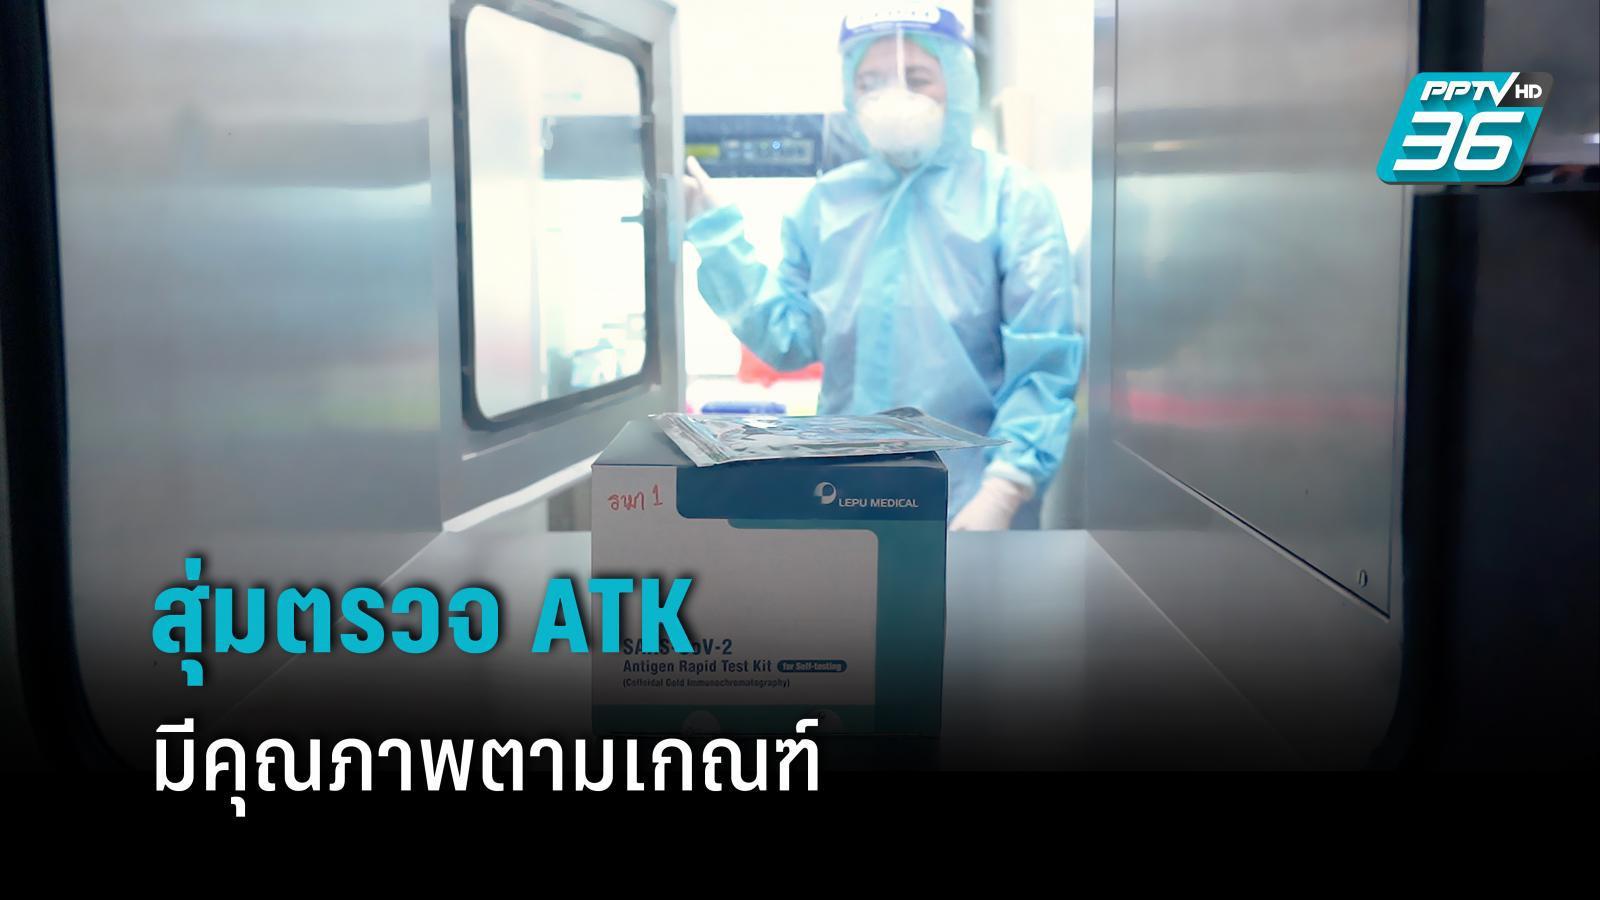 อภ.สุ่มตรวจ ATK ในแล็บ พบมีคุณภาพตามเกณฑ์ เริ่มทยอยจัดส่ง